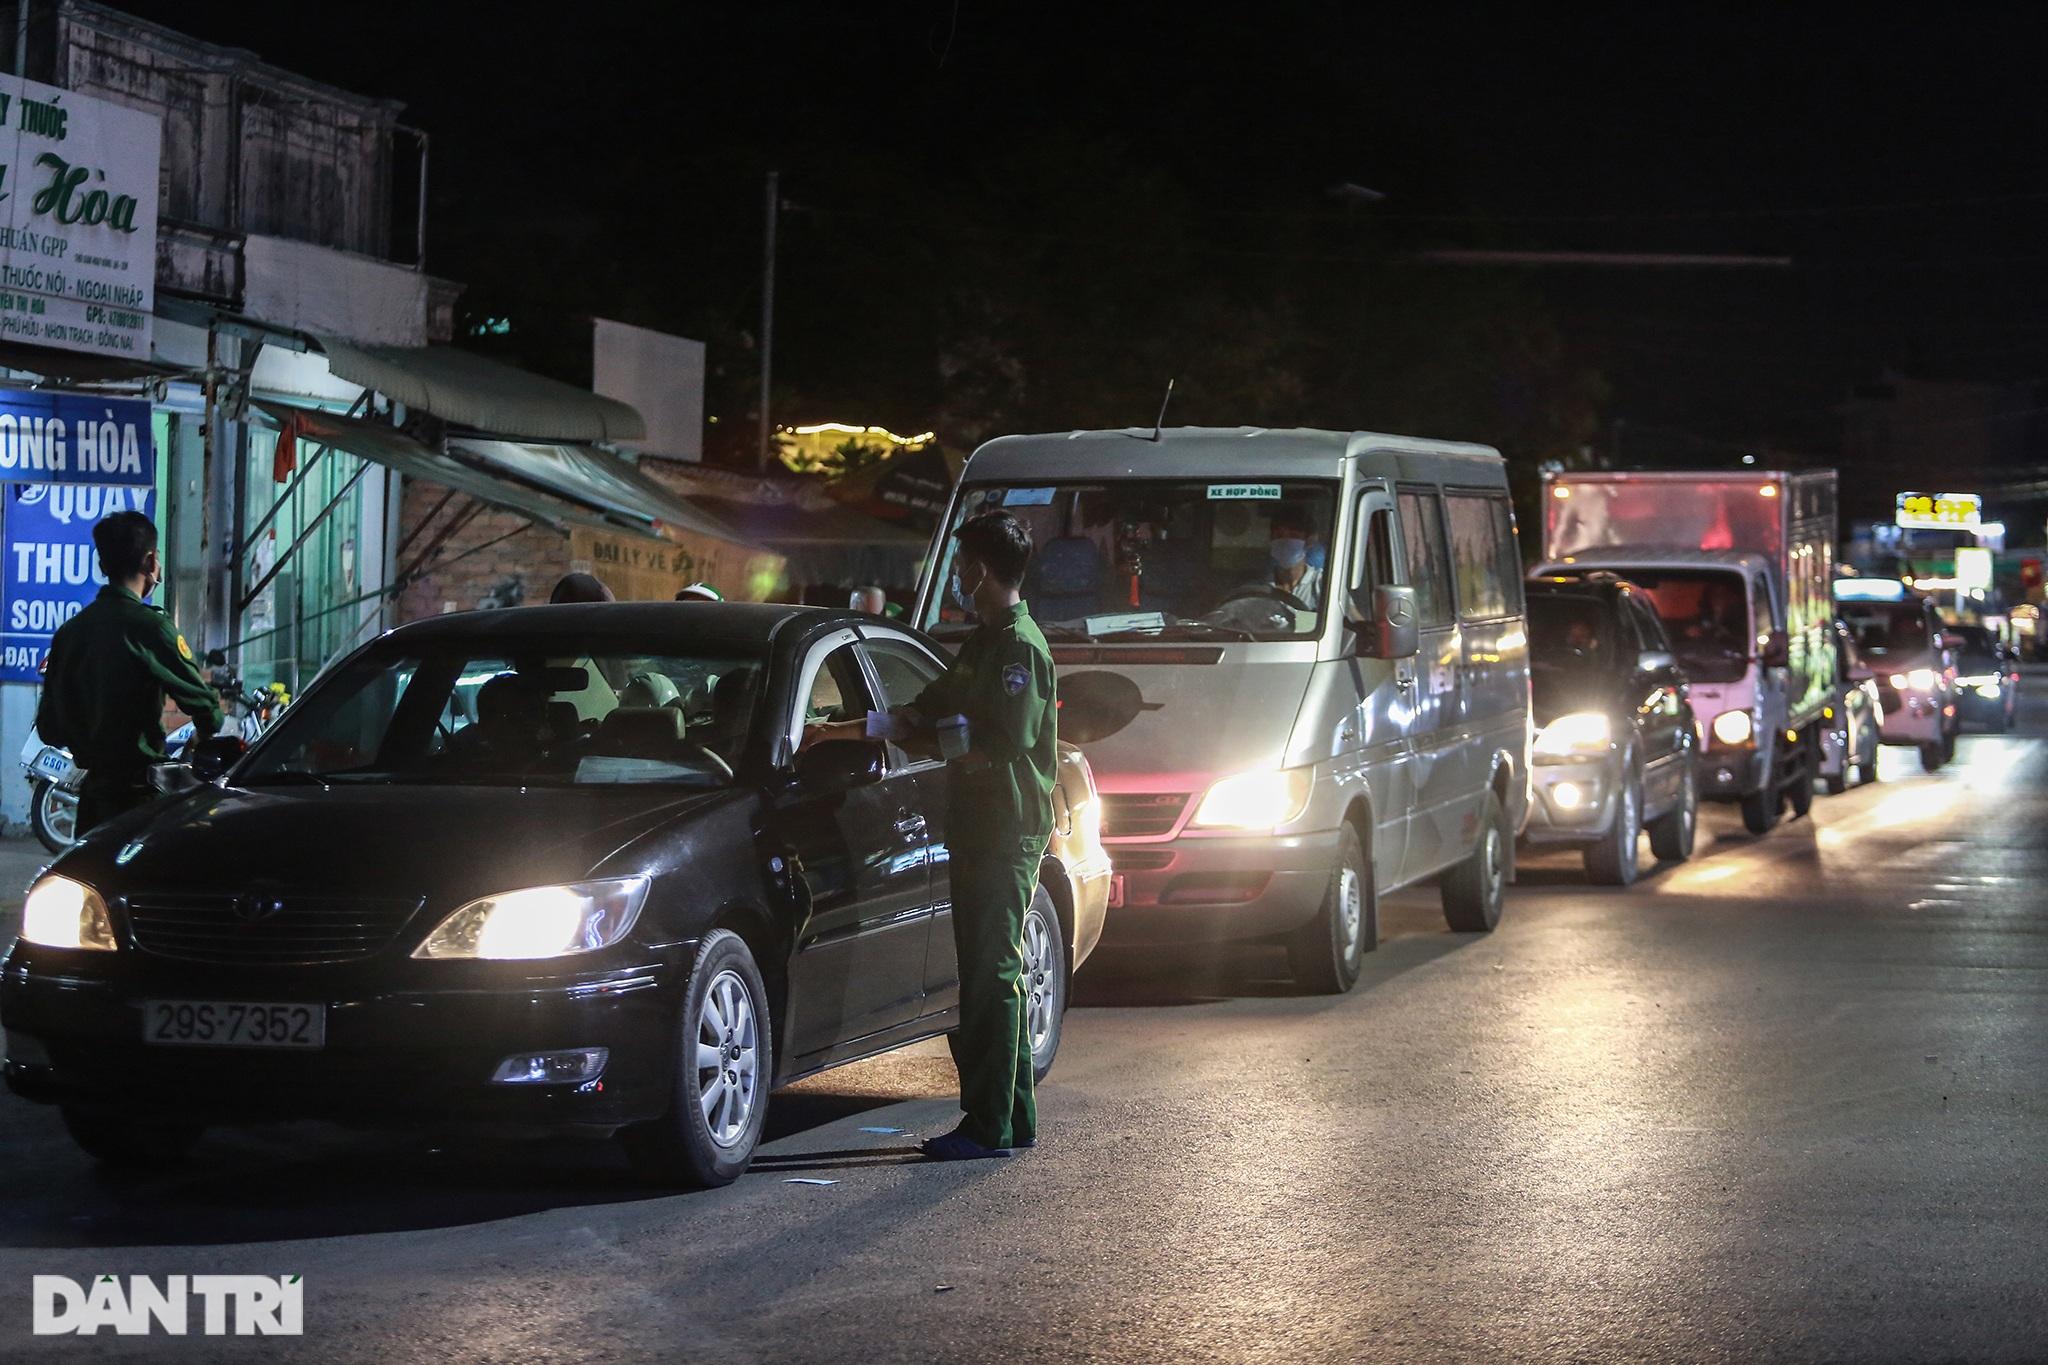 Người dân trở lại Sài Gòn sớm, giao thông cửa ngõ ùn tắc, hỗn loạn - 3